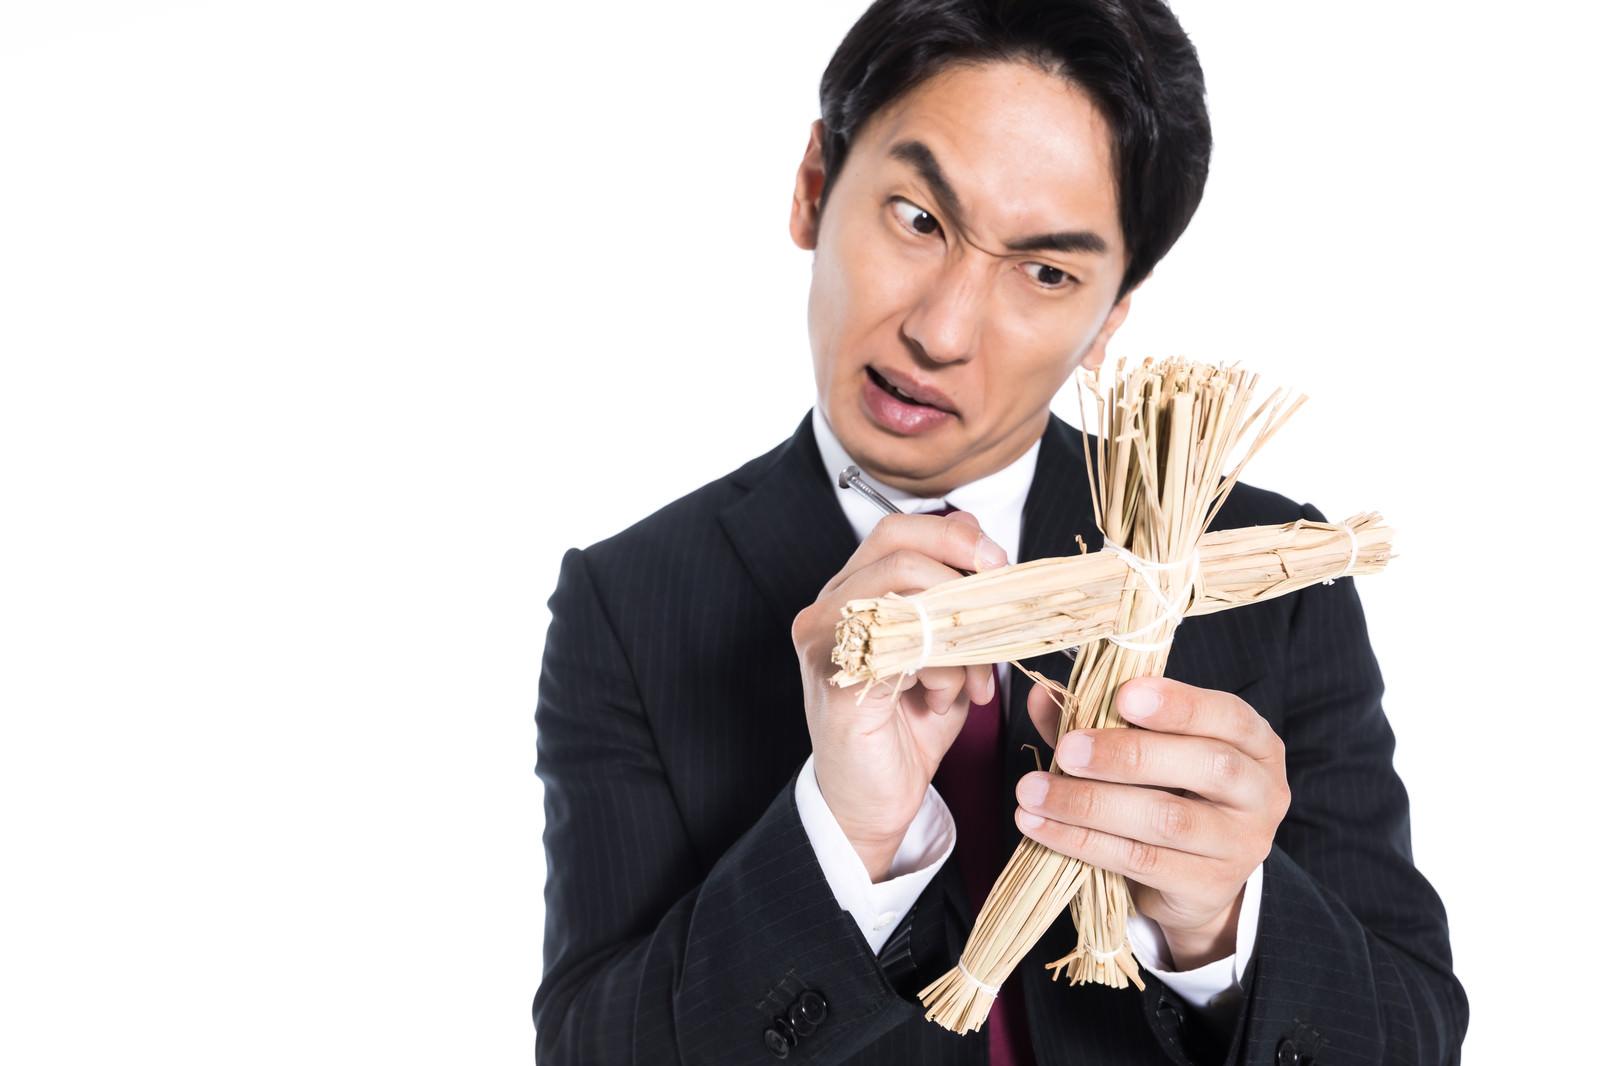 「藁人形の使い方をレクチャーする呪師」の写真[モデル:大川竜弥]